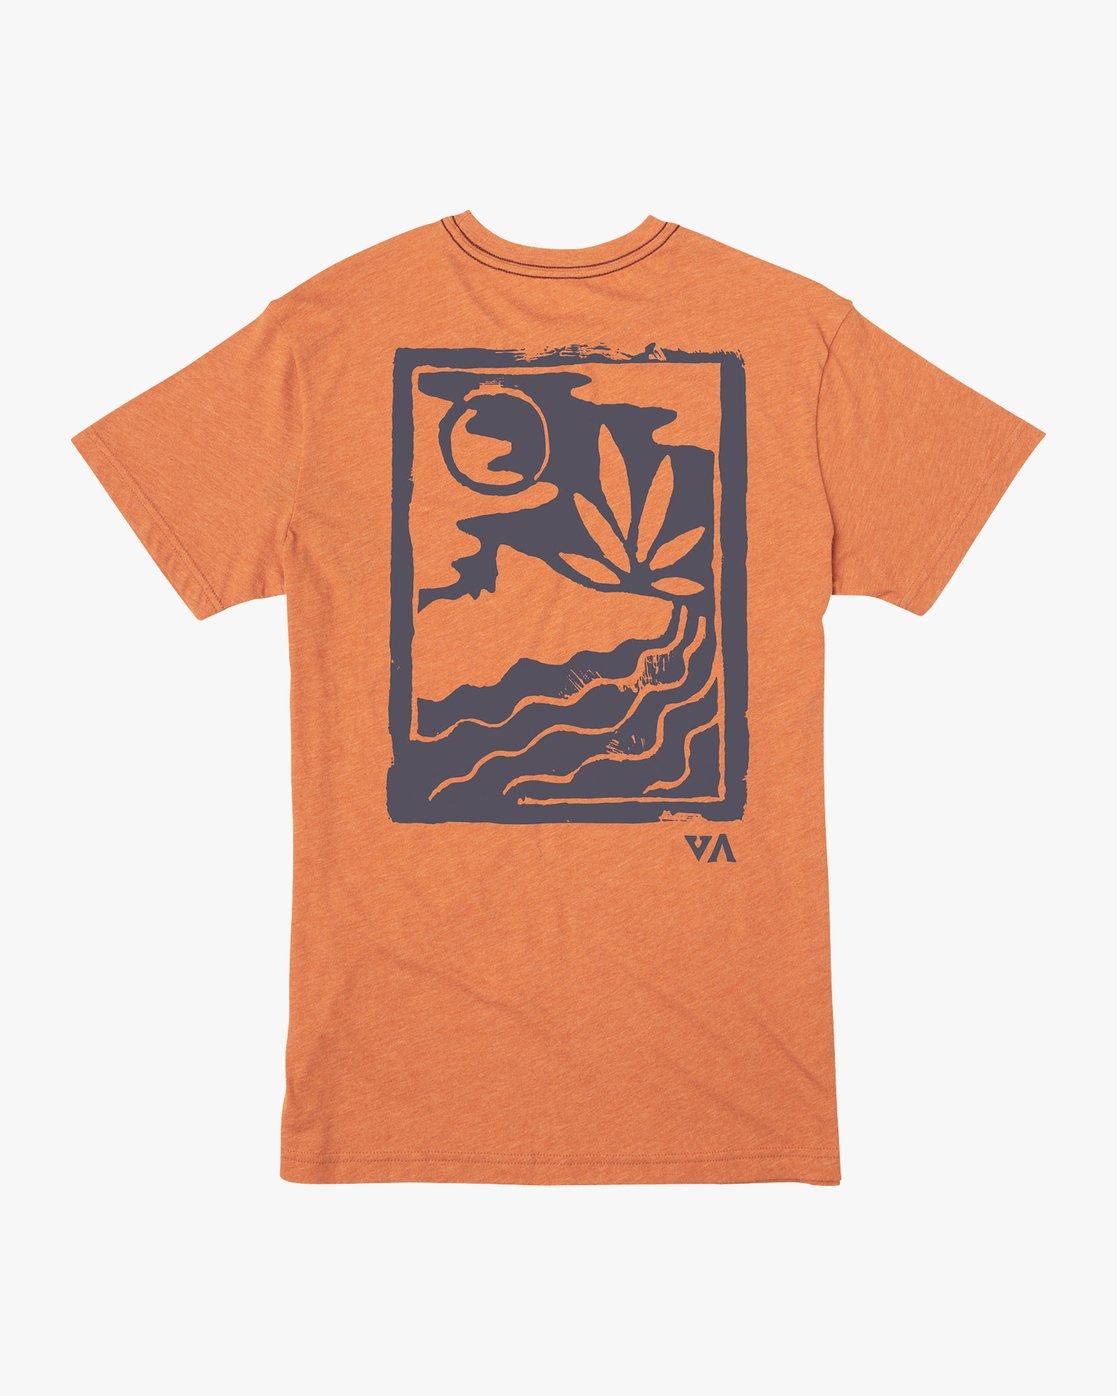 0 Mowgli Linocut T-Shirt Orange M420VRLI RVCA